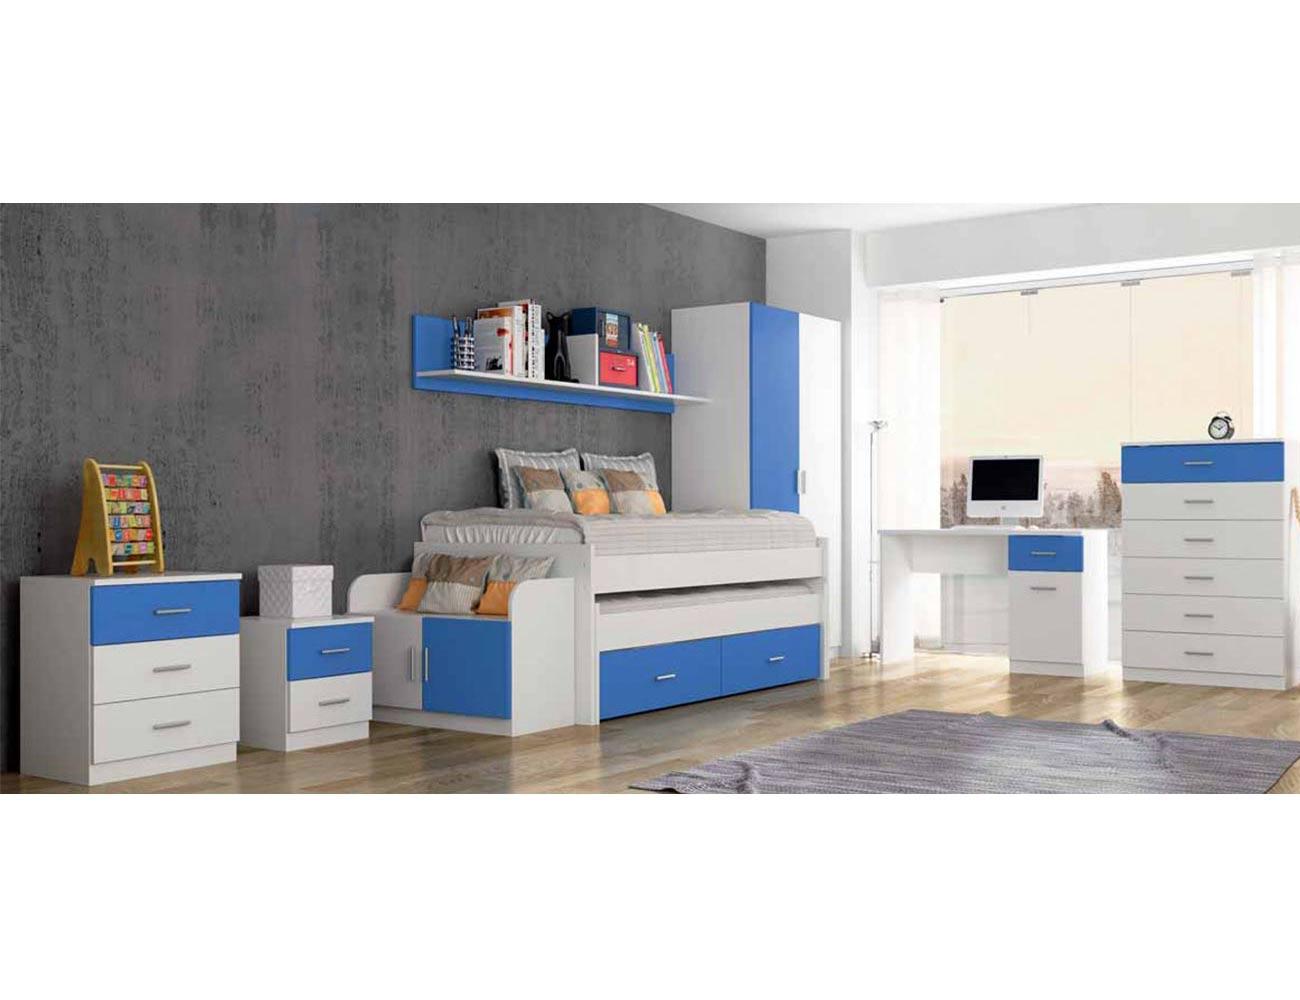 Dormitorio juvenil comodin mesita noche banqueta estanteria cama compacto nido mesa estudio sinfonier armario3